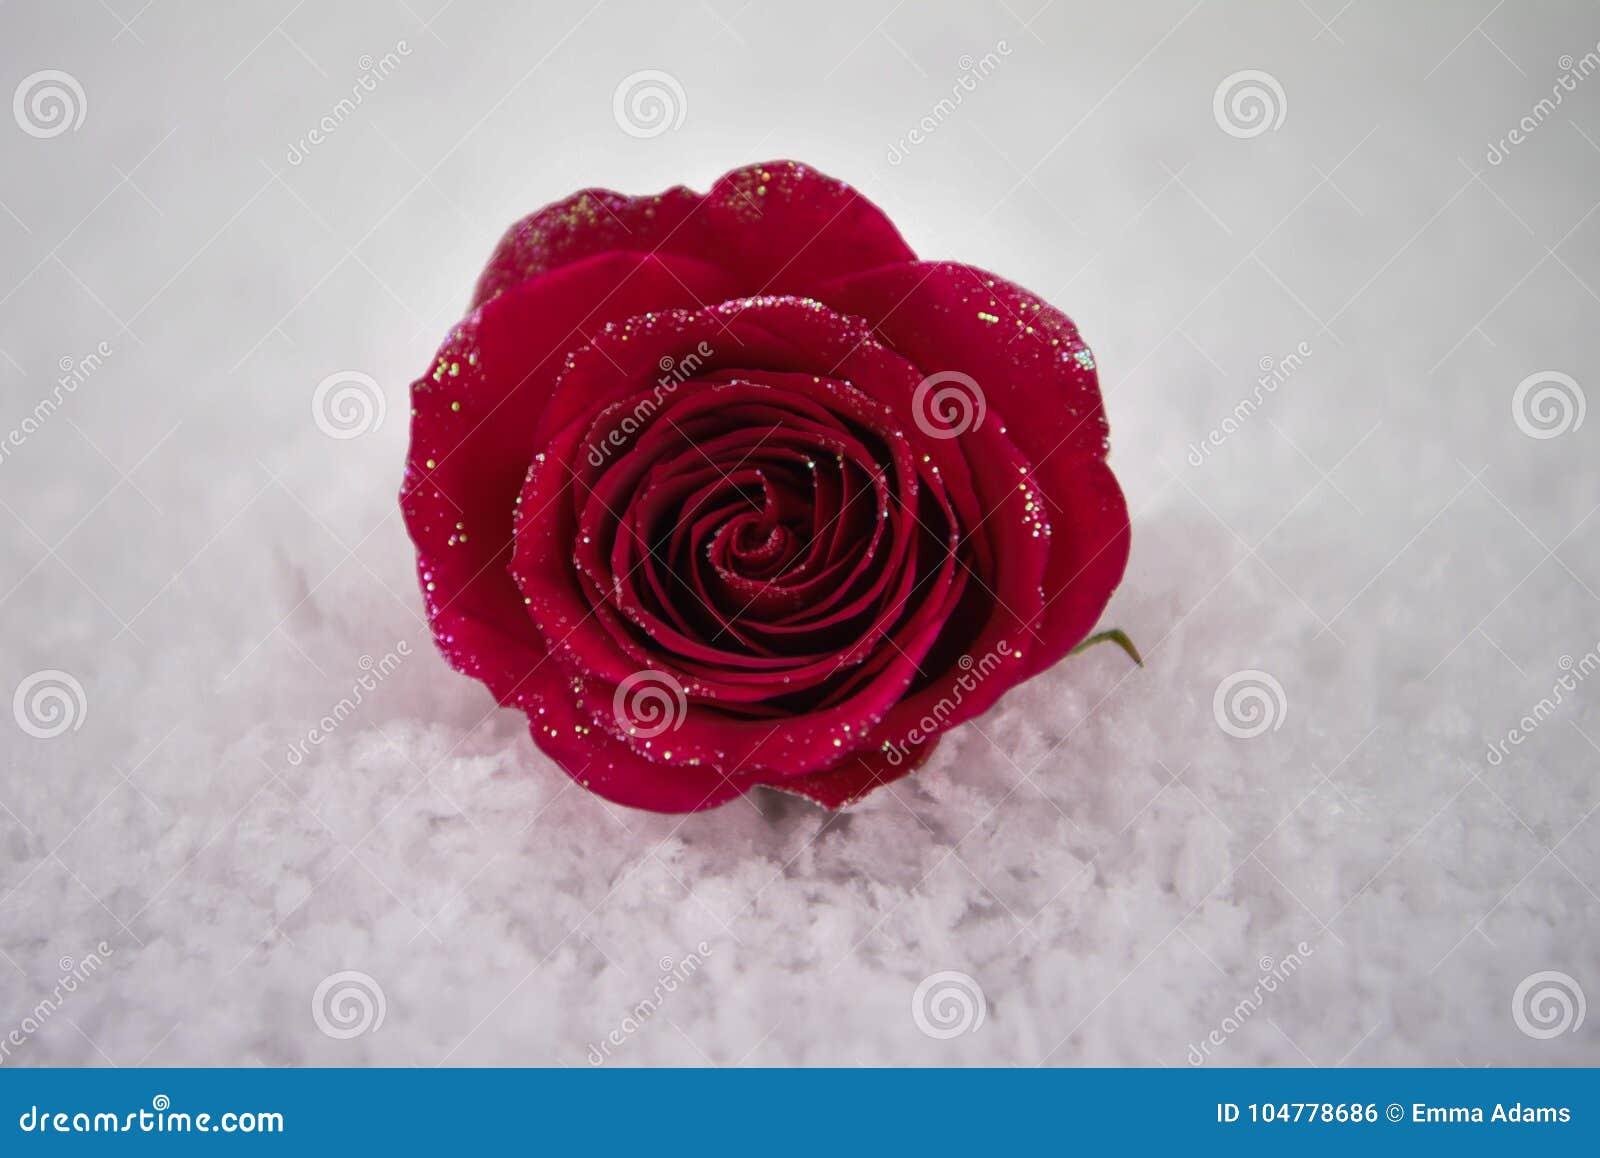 Τα Χριστούγεννα ή η ρομαντική εικόνα φωτογραφίας χειμερινής εποχής βαλεντίνων των κόκκινων ροδαλών λουλουδιών στο χιόνι με ακτινο